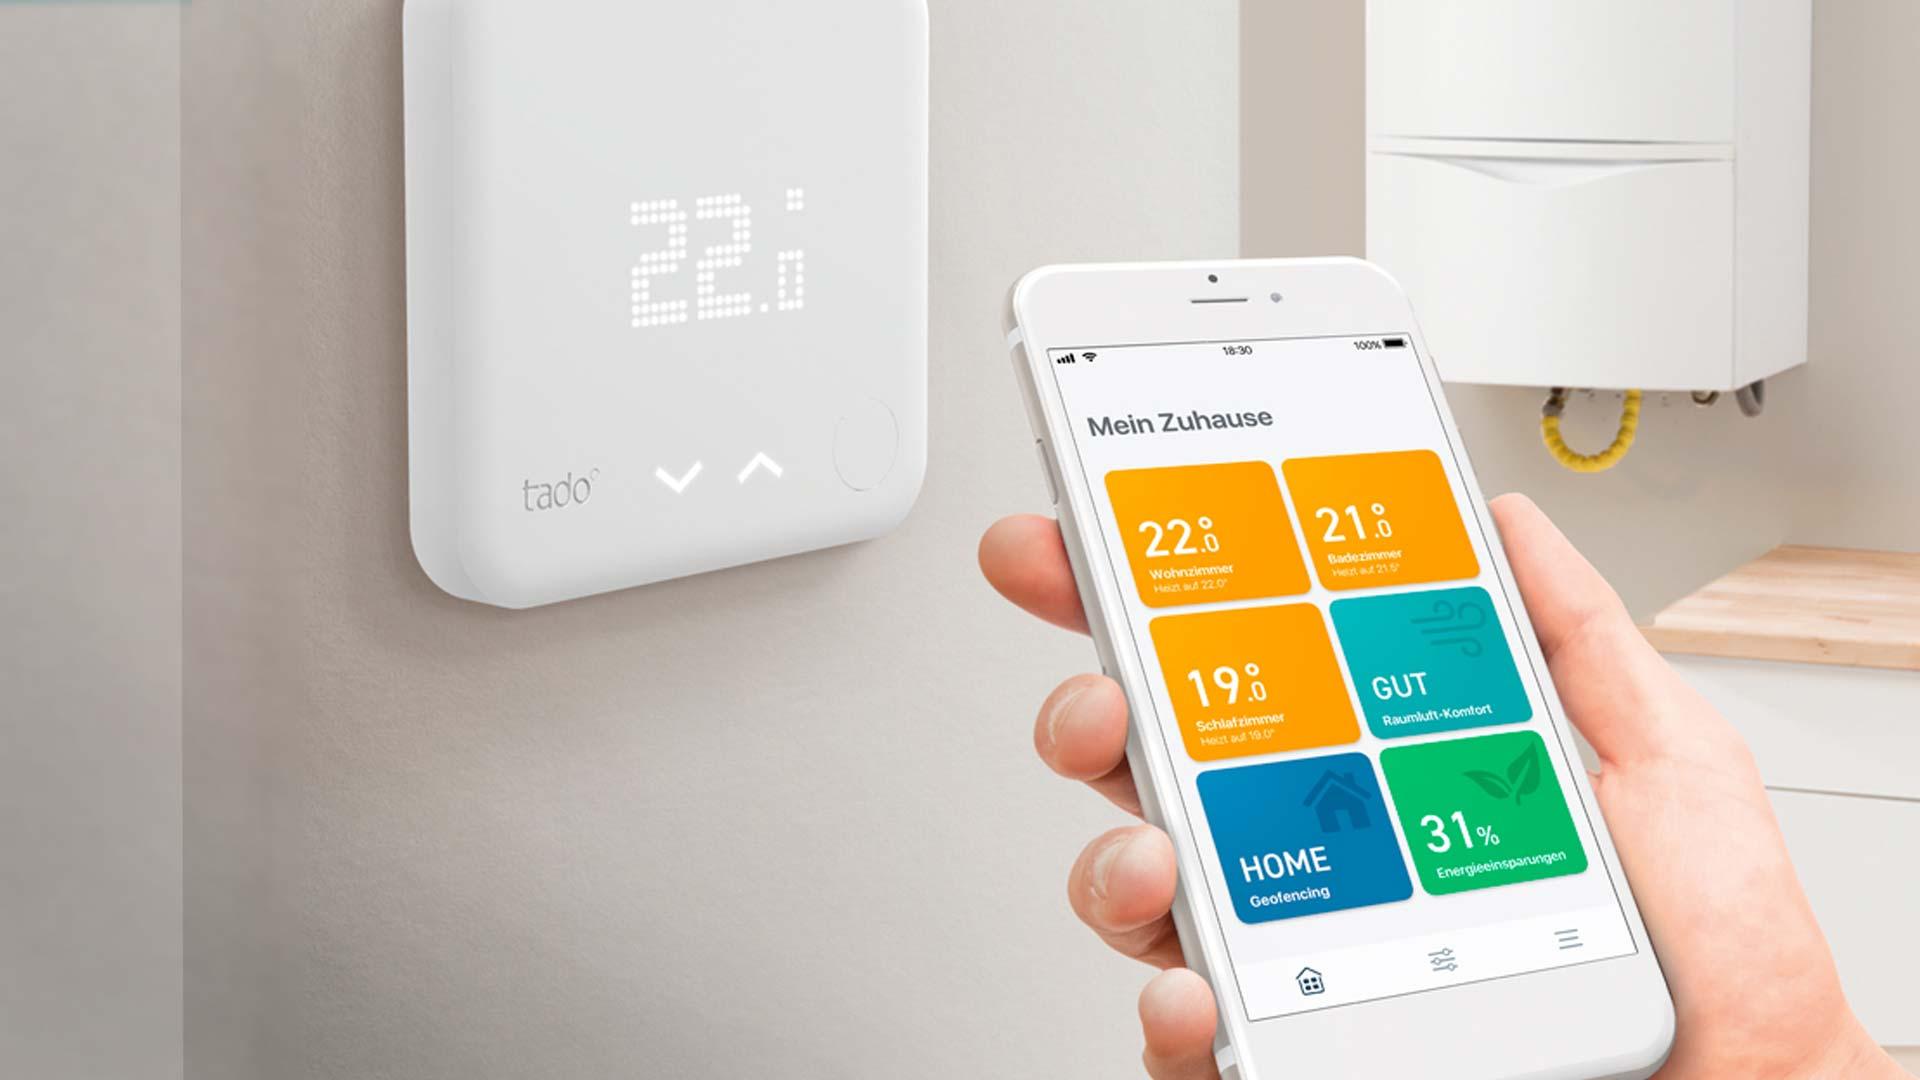 Smartphone mit App zur Temperatureinstellung von tado